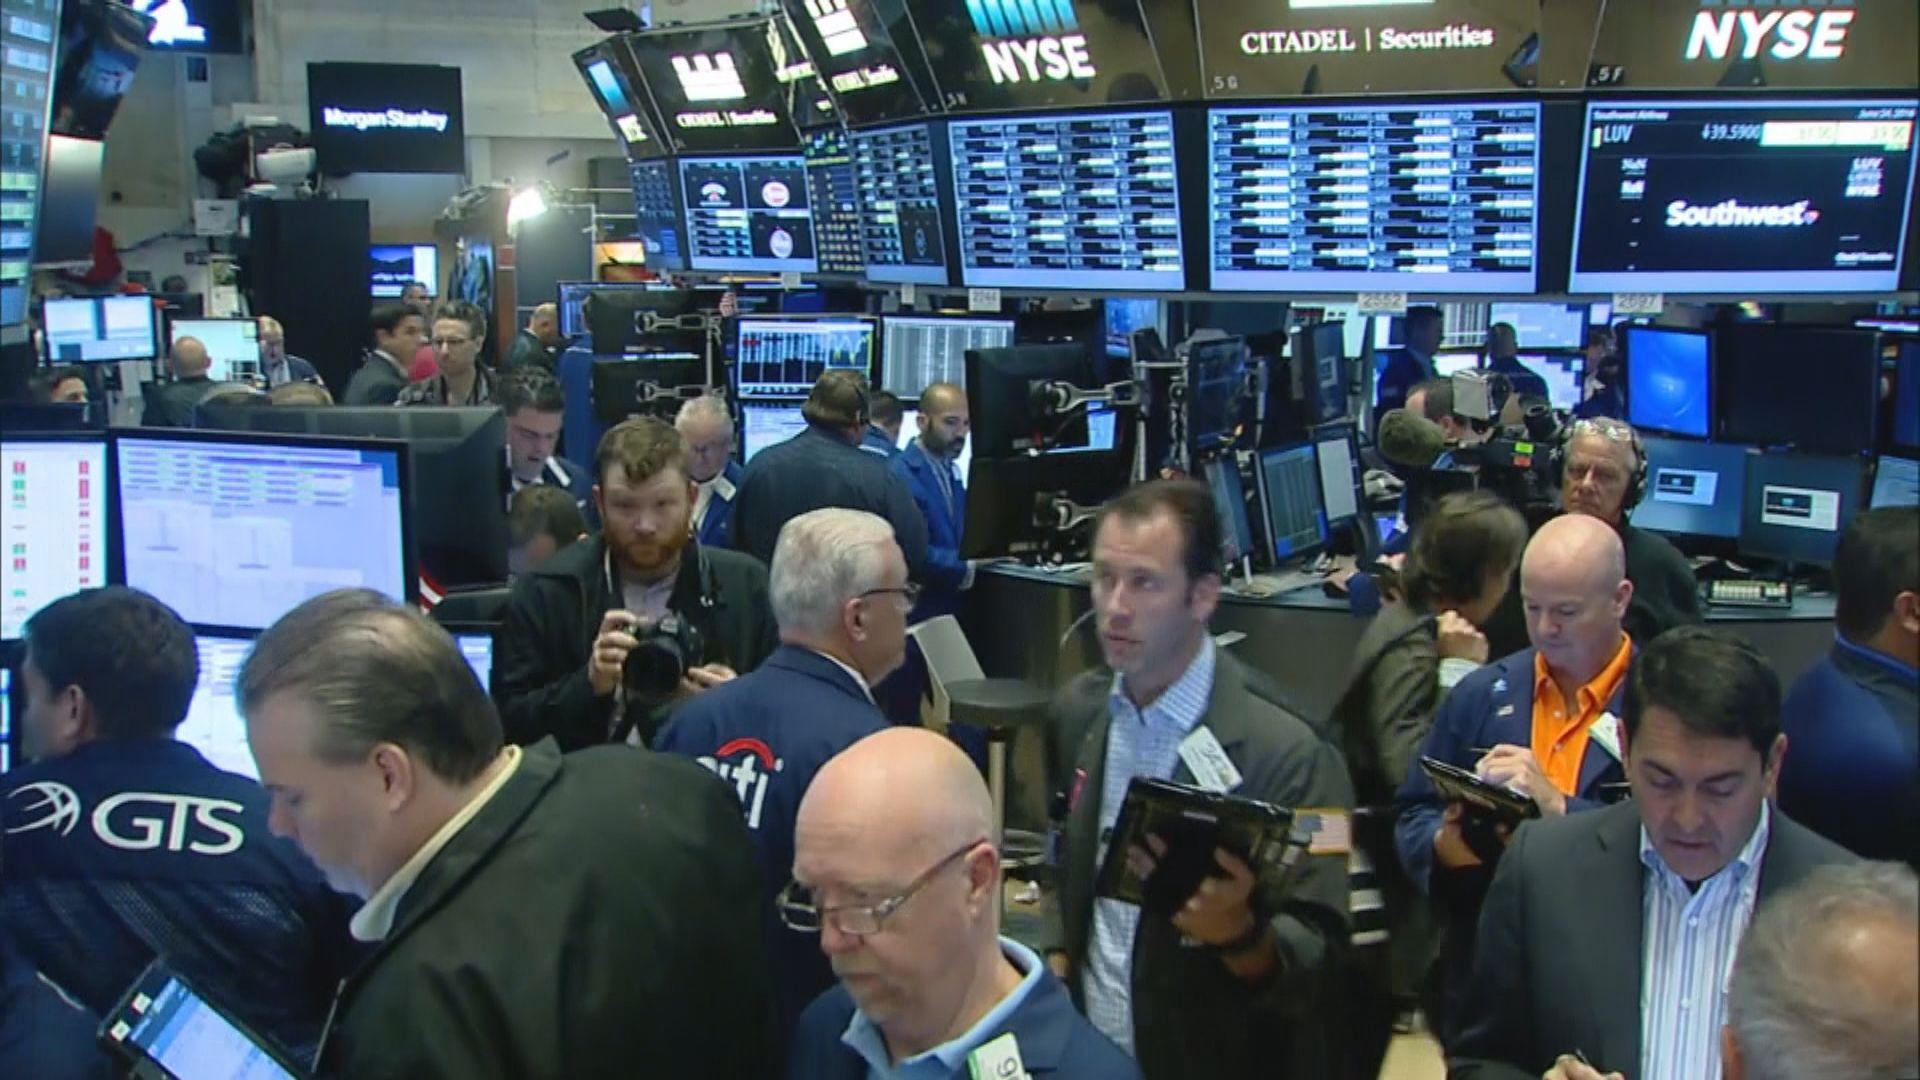 SEC委員:在美上市中國公司須披露中國政府干預業務